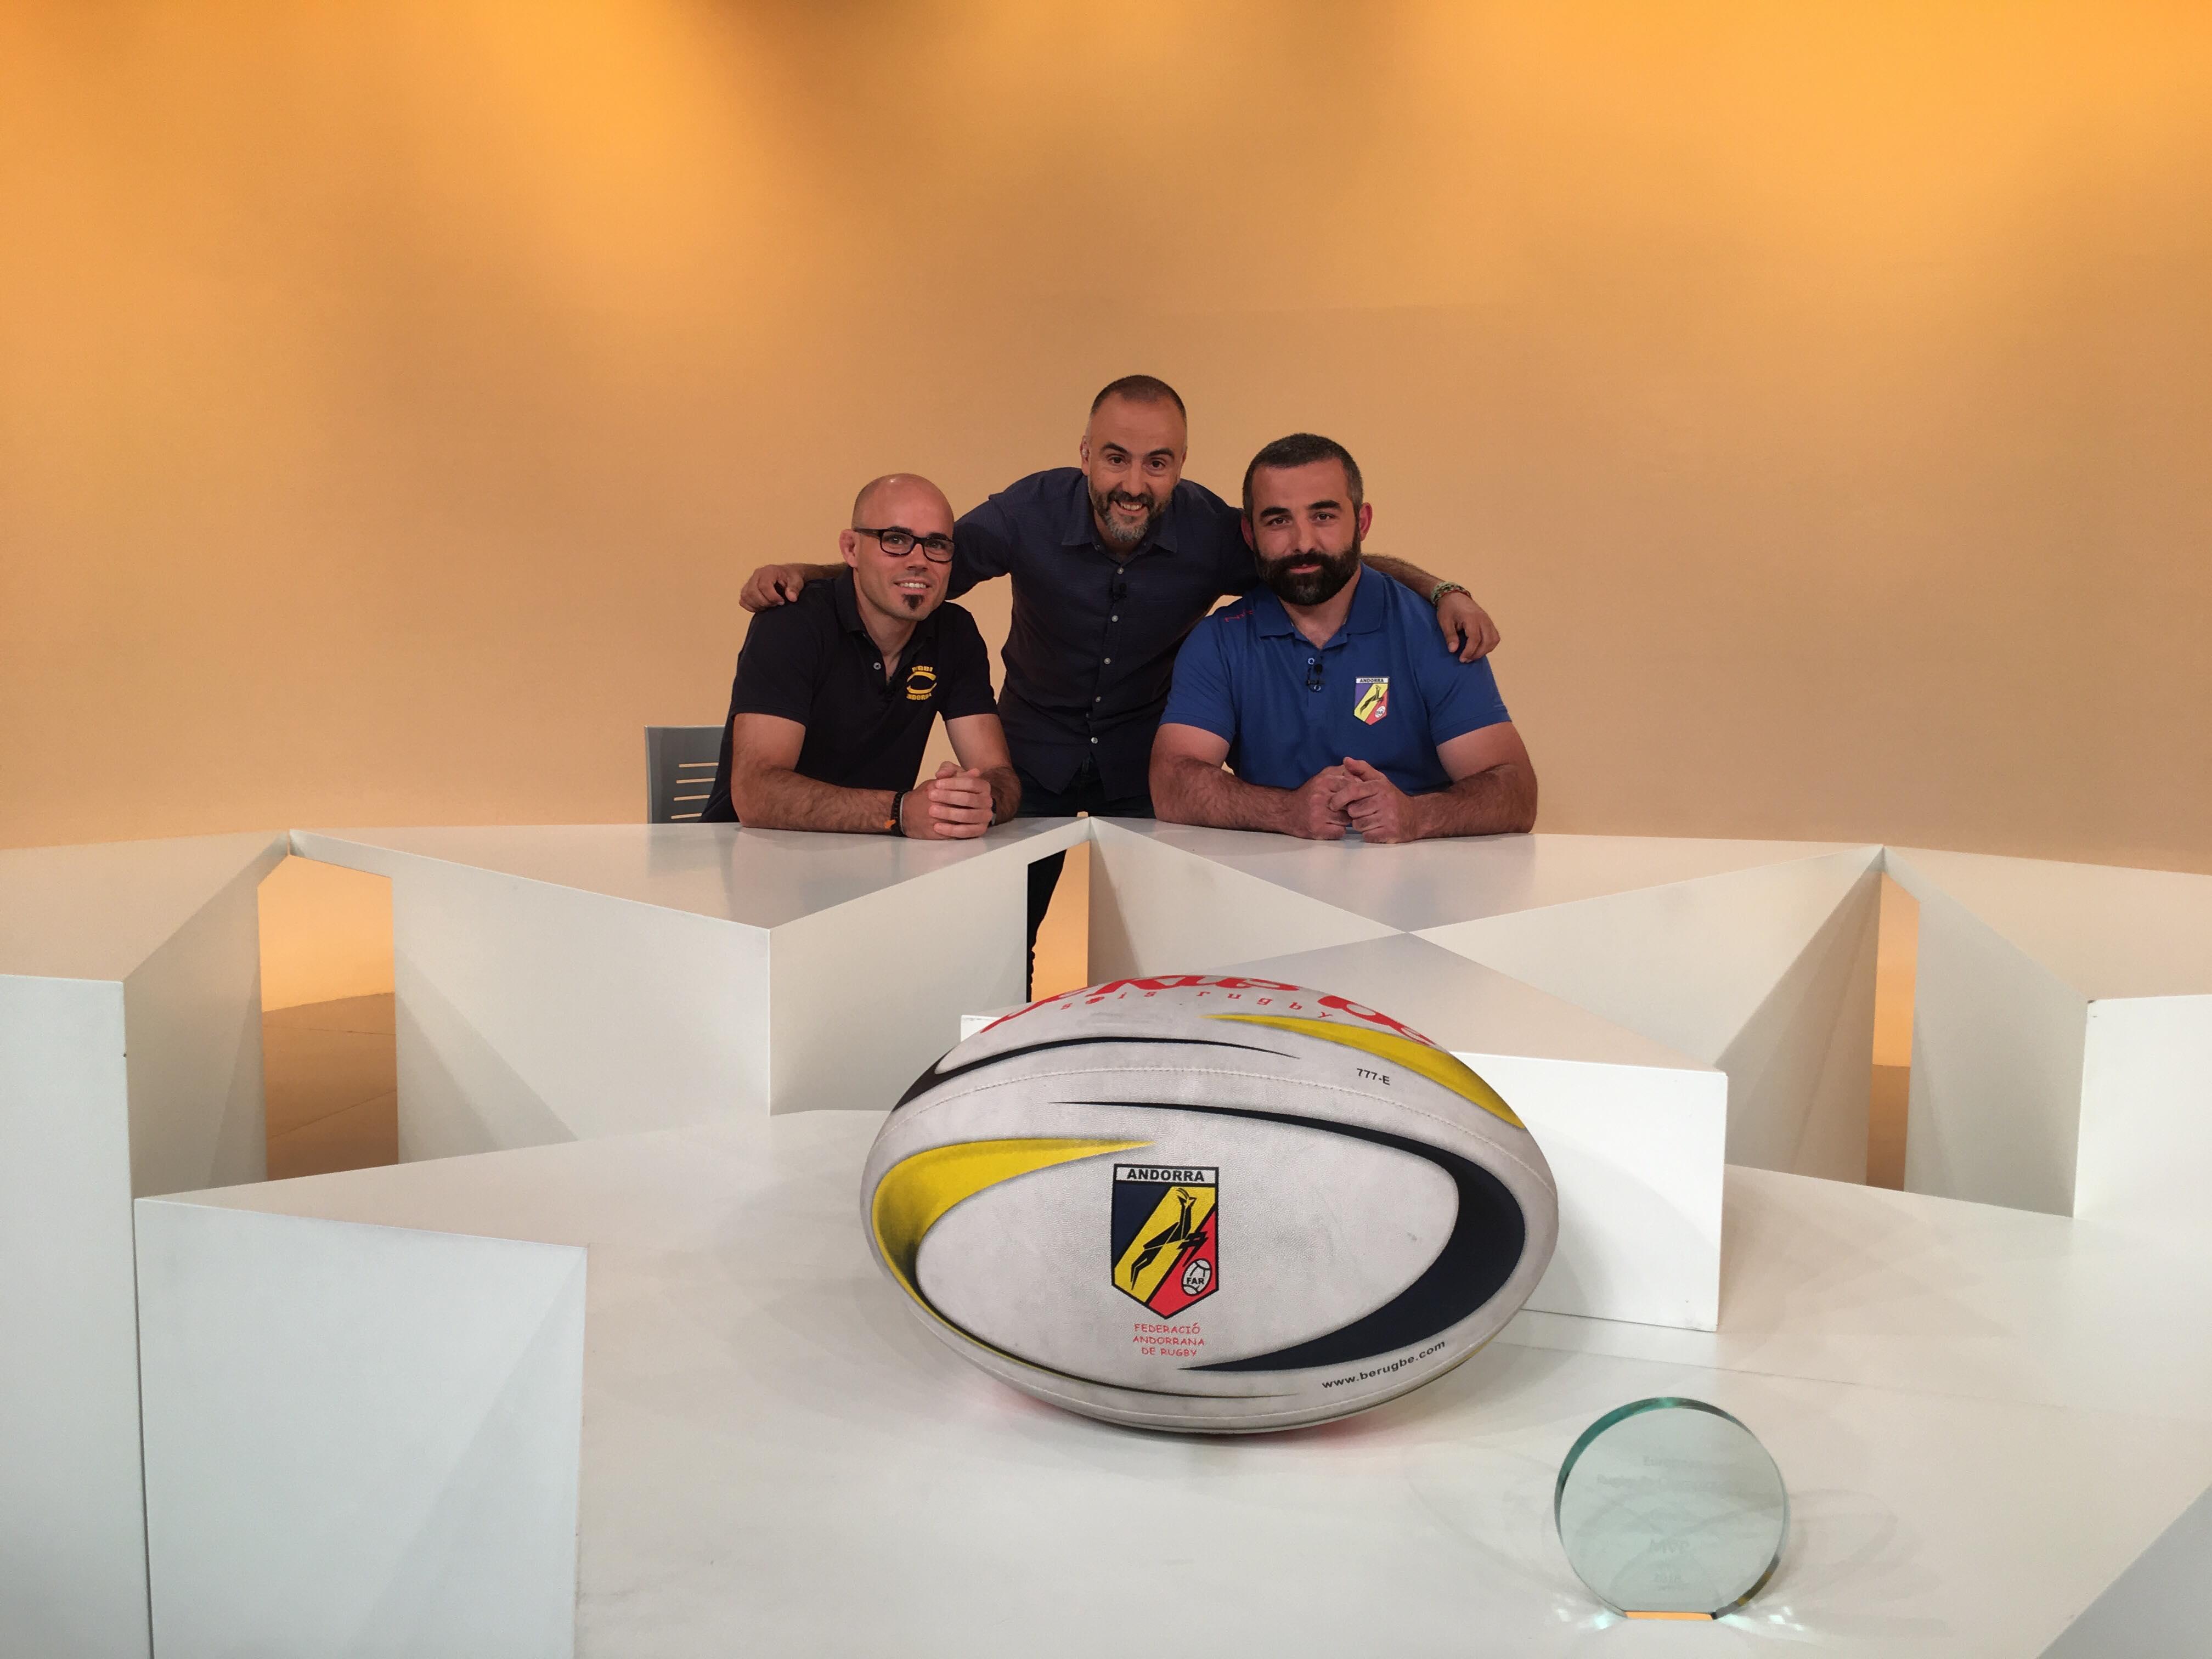 Dia E 1a Part - Entrevista als jugadors del VPC Andorra Marc Abelló i Edisher Jamrulidze